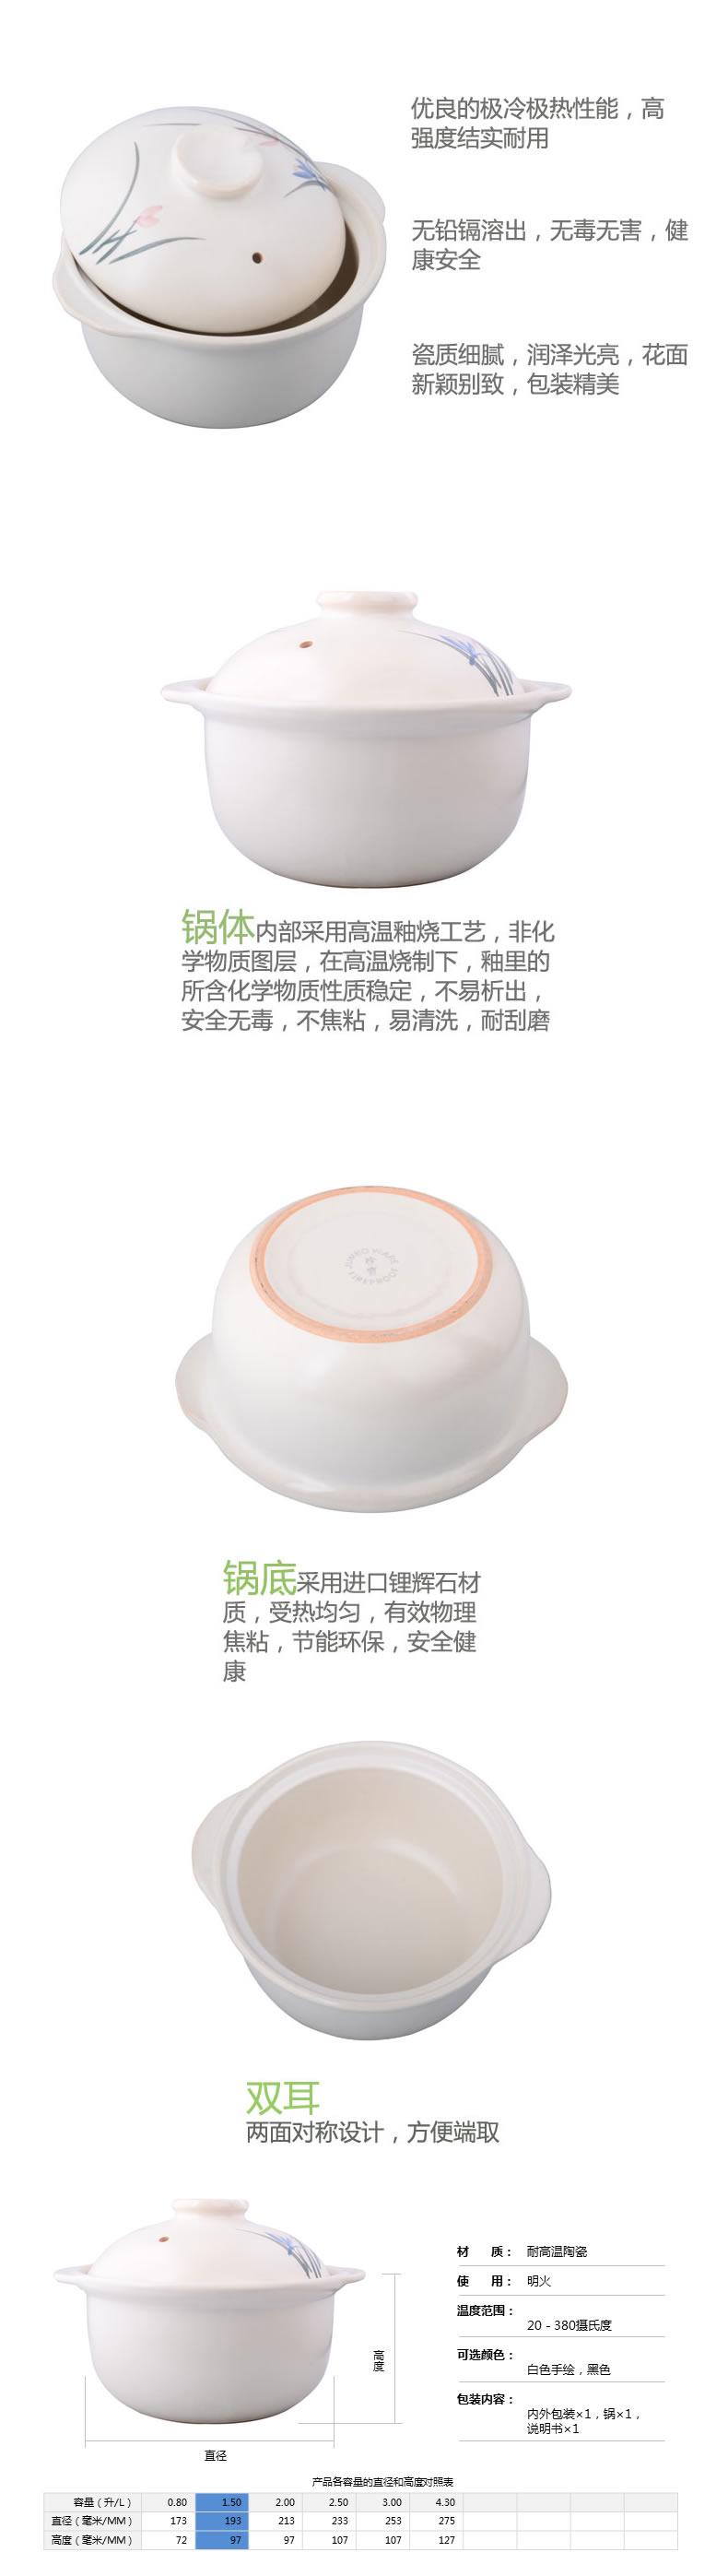 煮粥耐高溫養生煲湯煲陶瓷砂鍋01900101310詳情圖